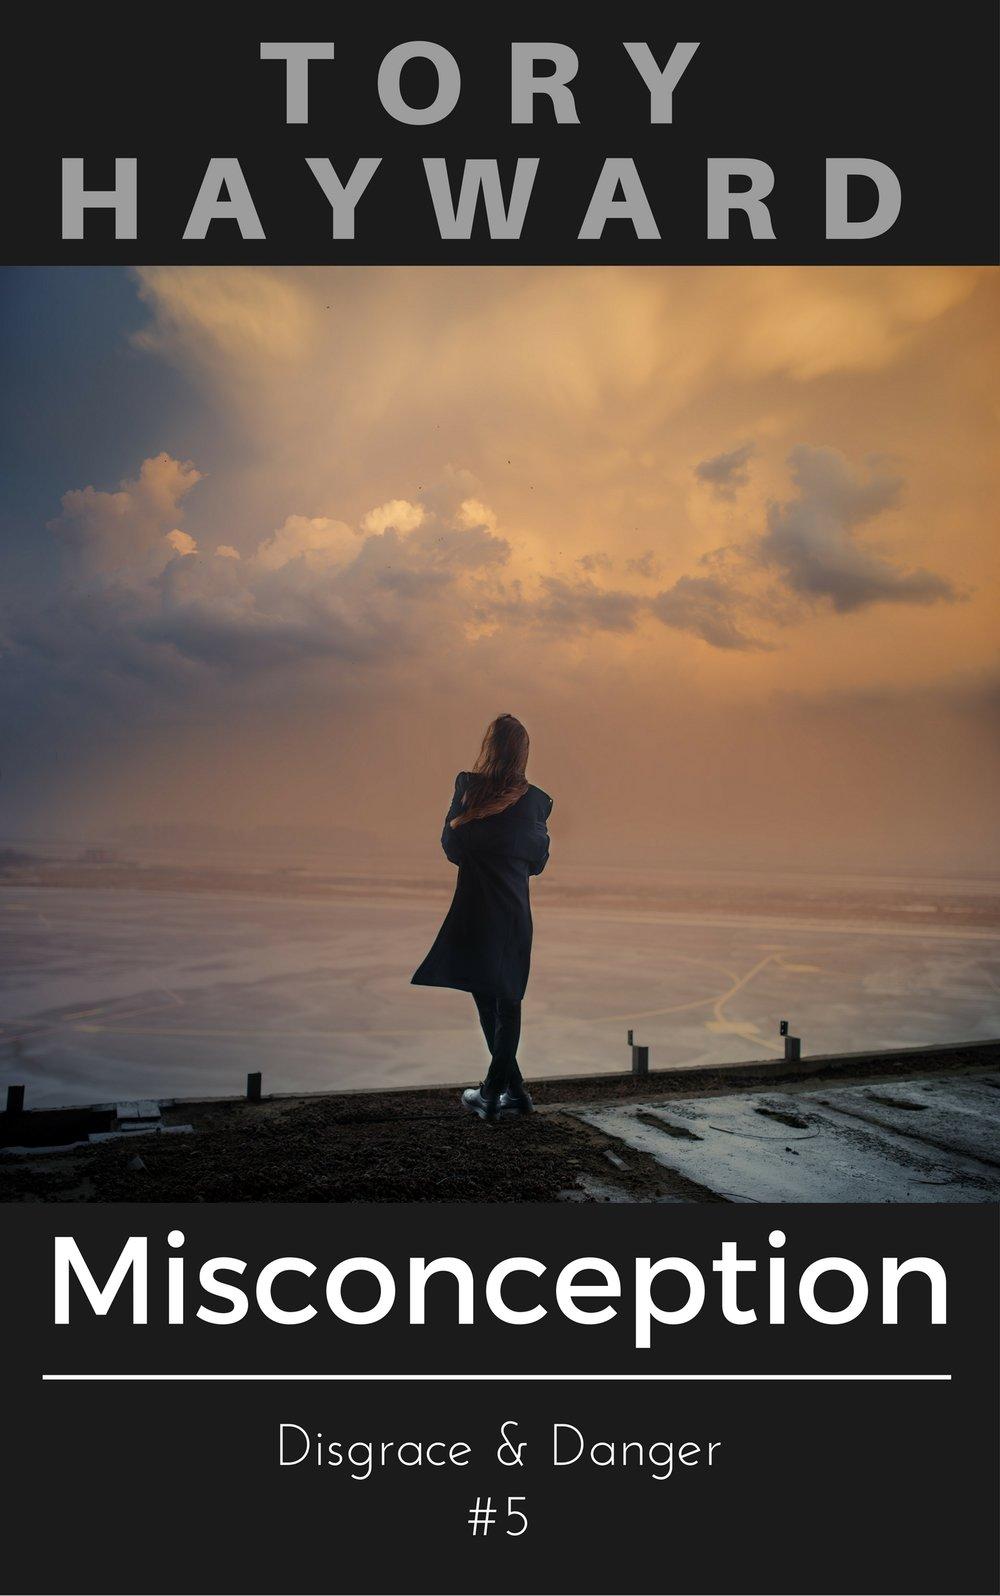 Disgrace & Danger #5: Misconception